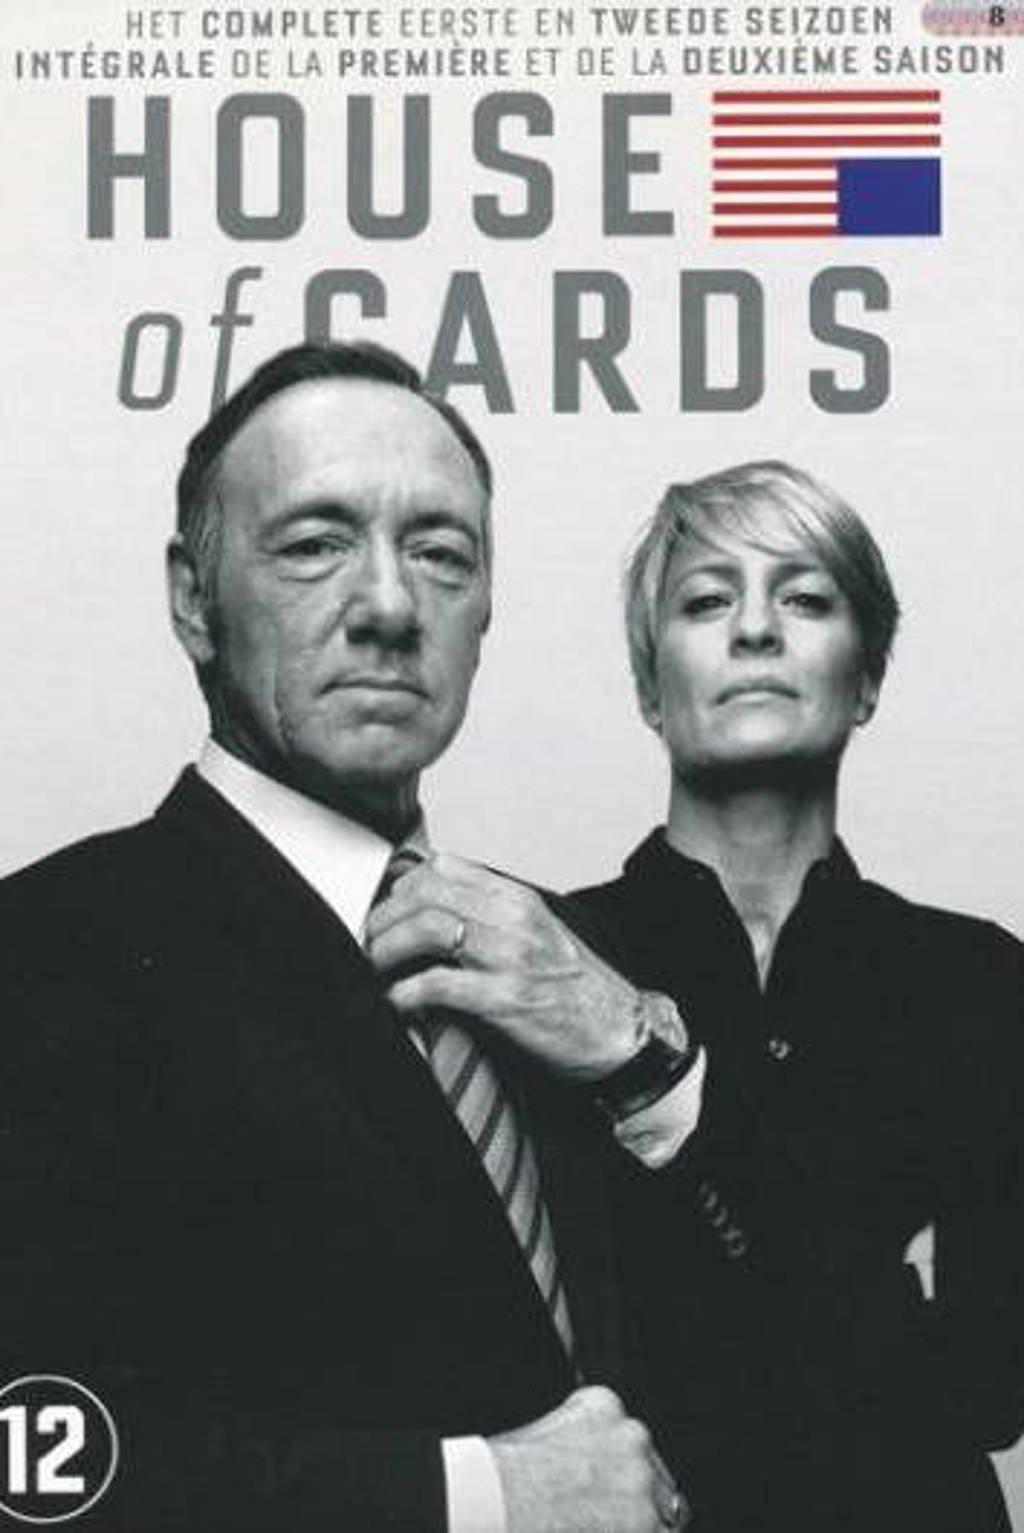 House of cards - Seizoen 1 & 2 (DVD)